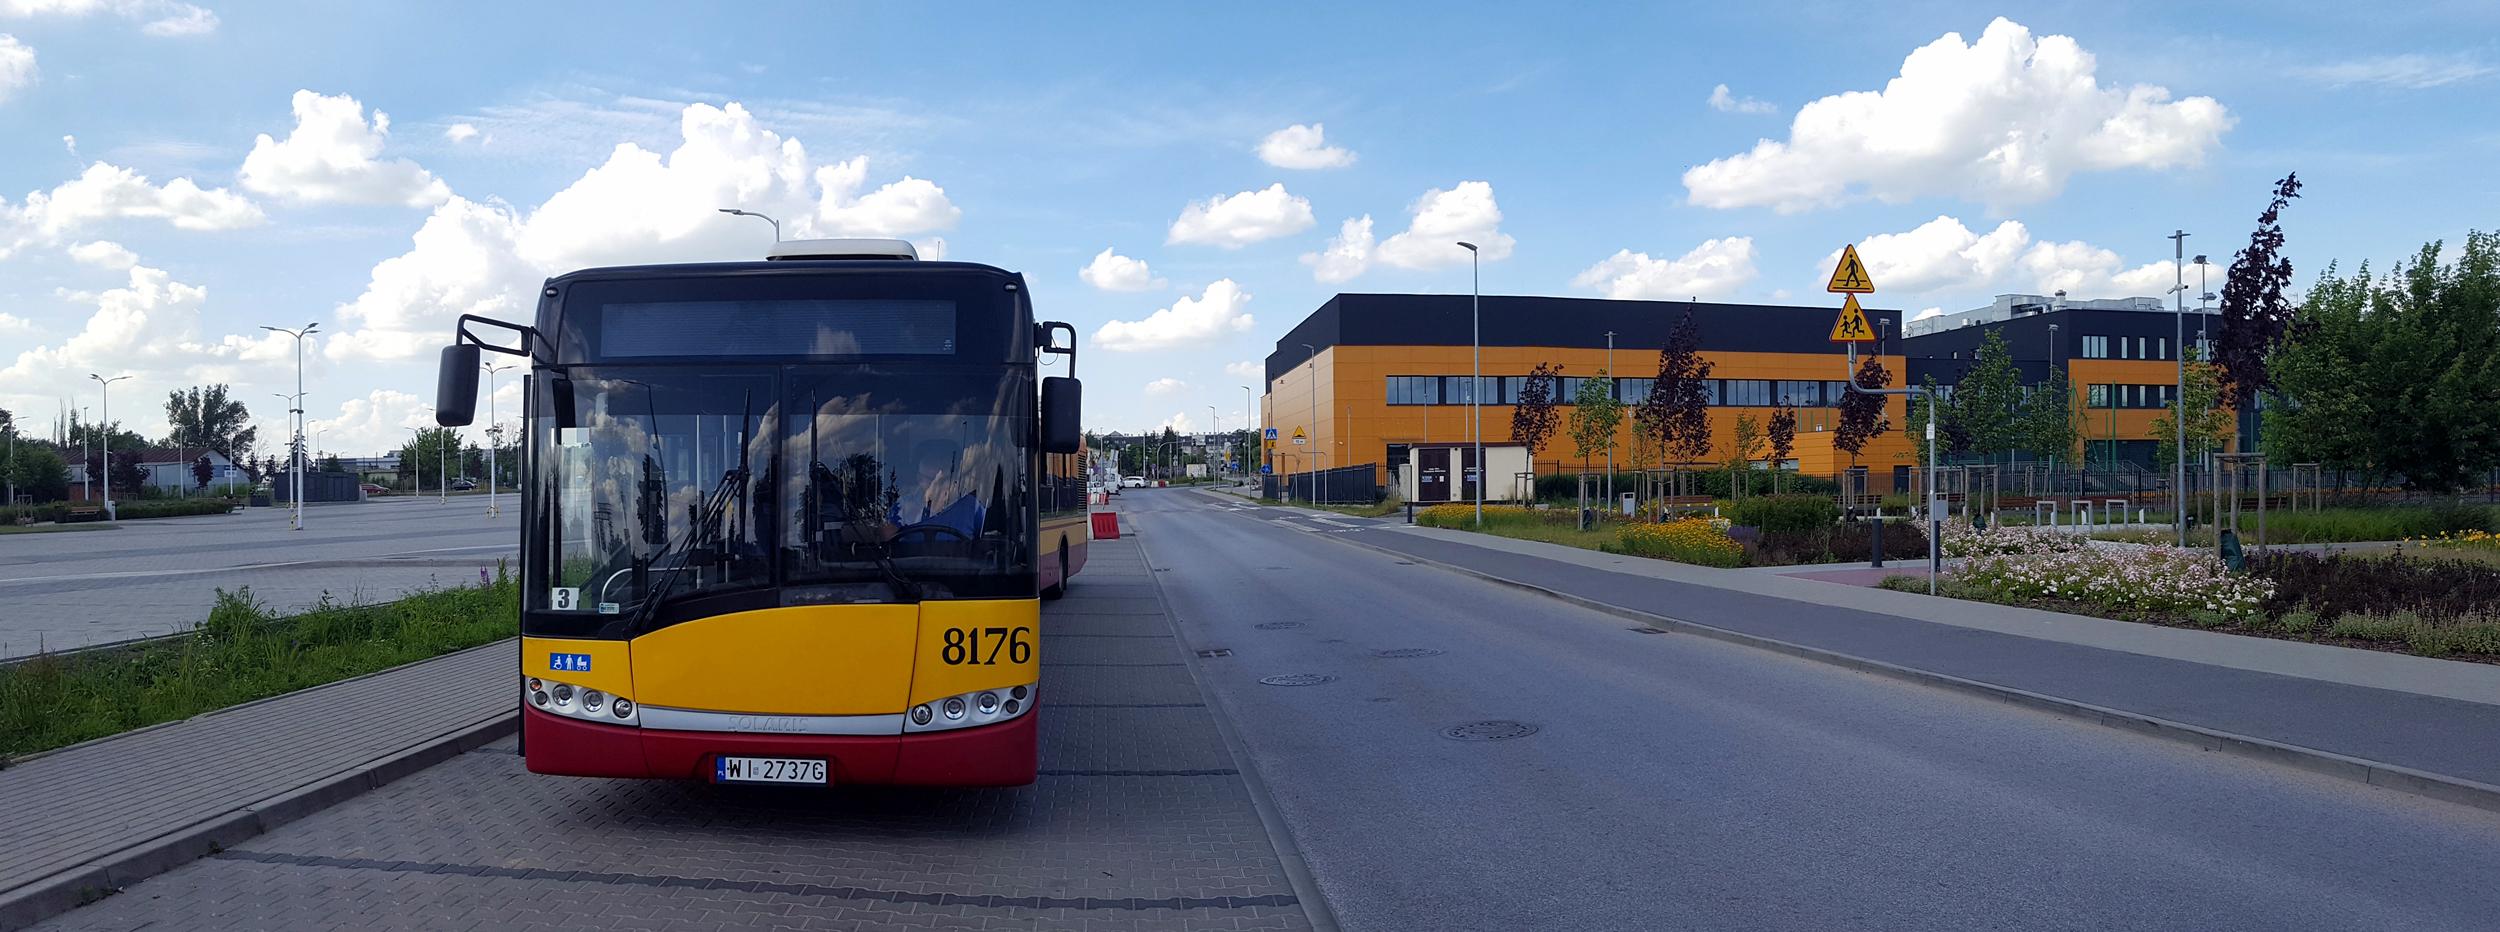 Ilustracja. Autobus 709 na pętli autobusowej na ul. Żytniej obok targowiska i CEM Piaseczno. Foto Marcin Borkowski